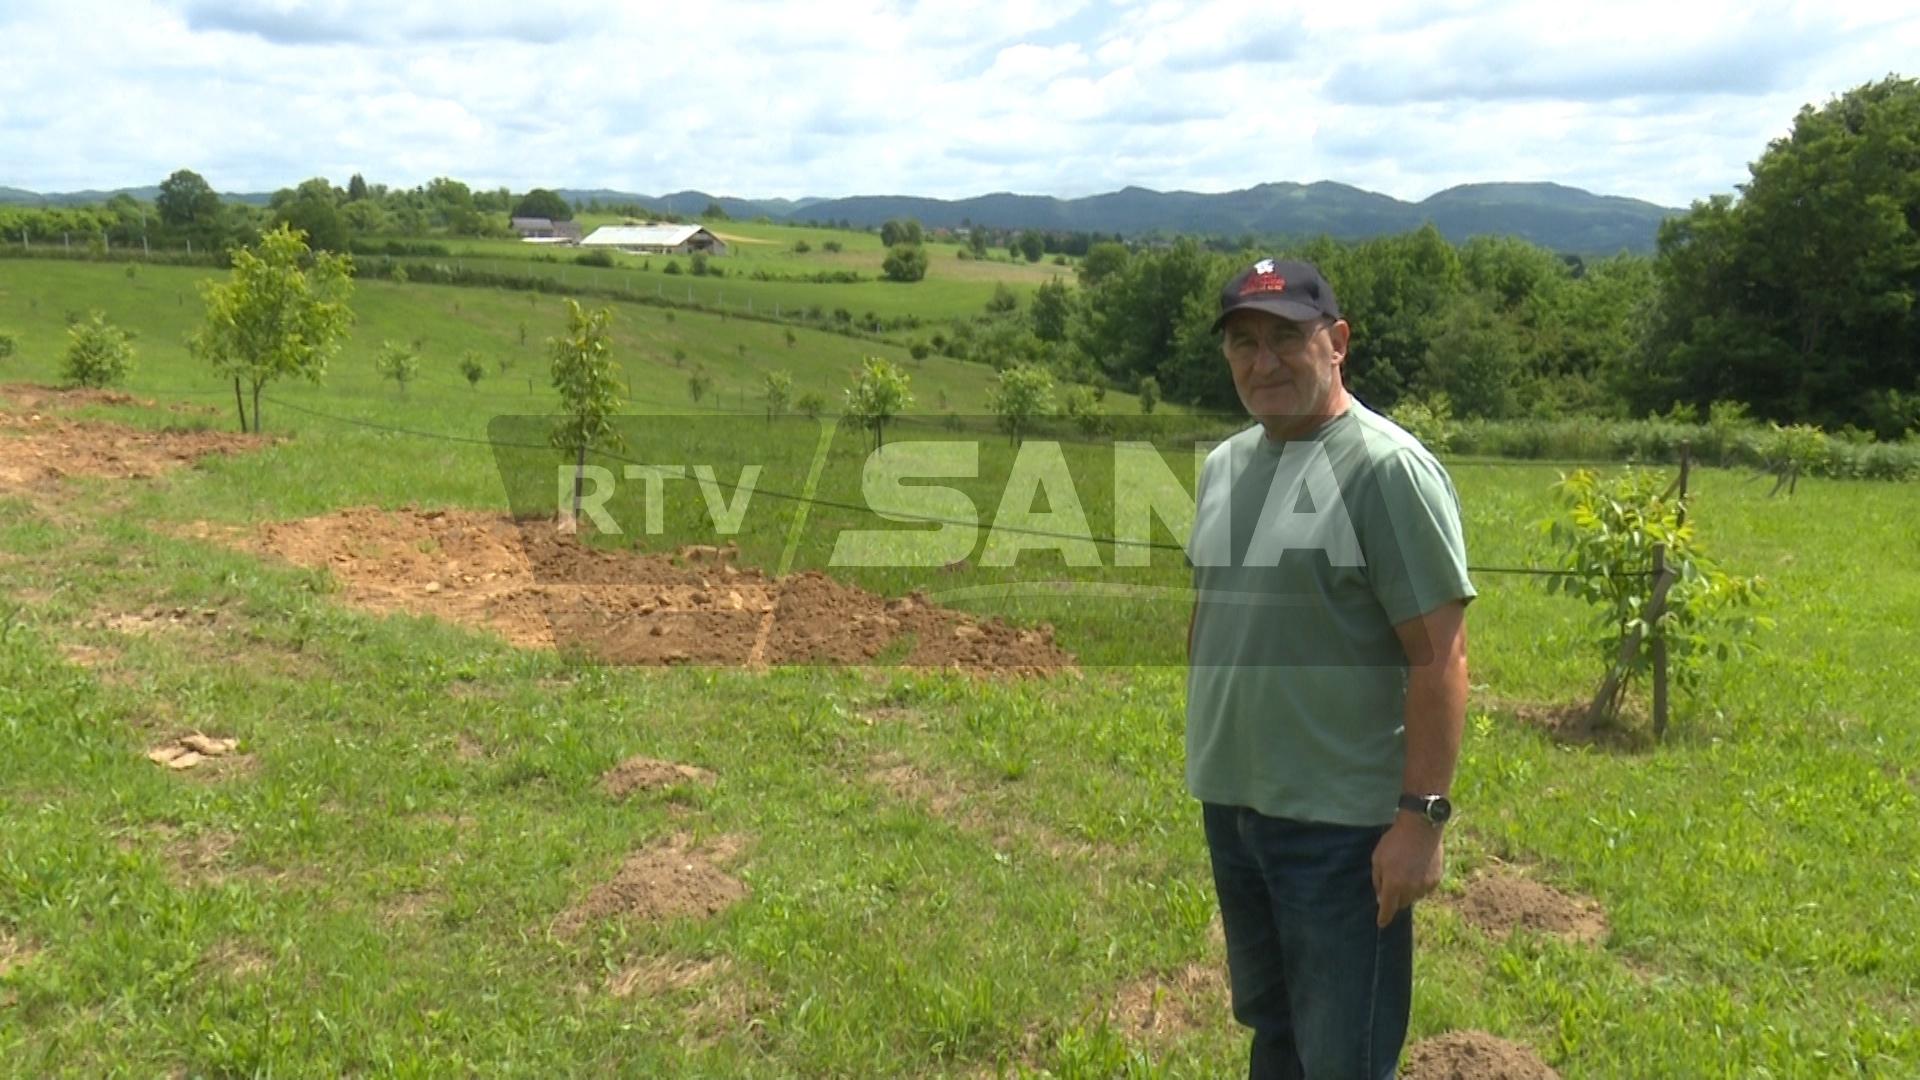 Poslije 27 godina u Americi, vratio se i zasadio plantažu voća u Čaplju